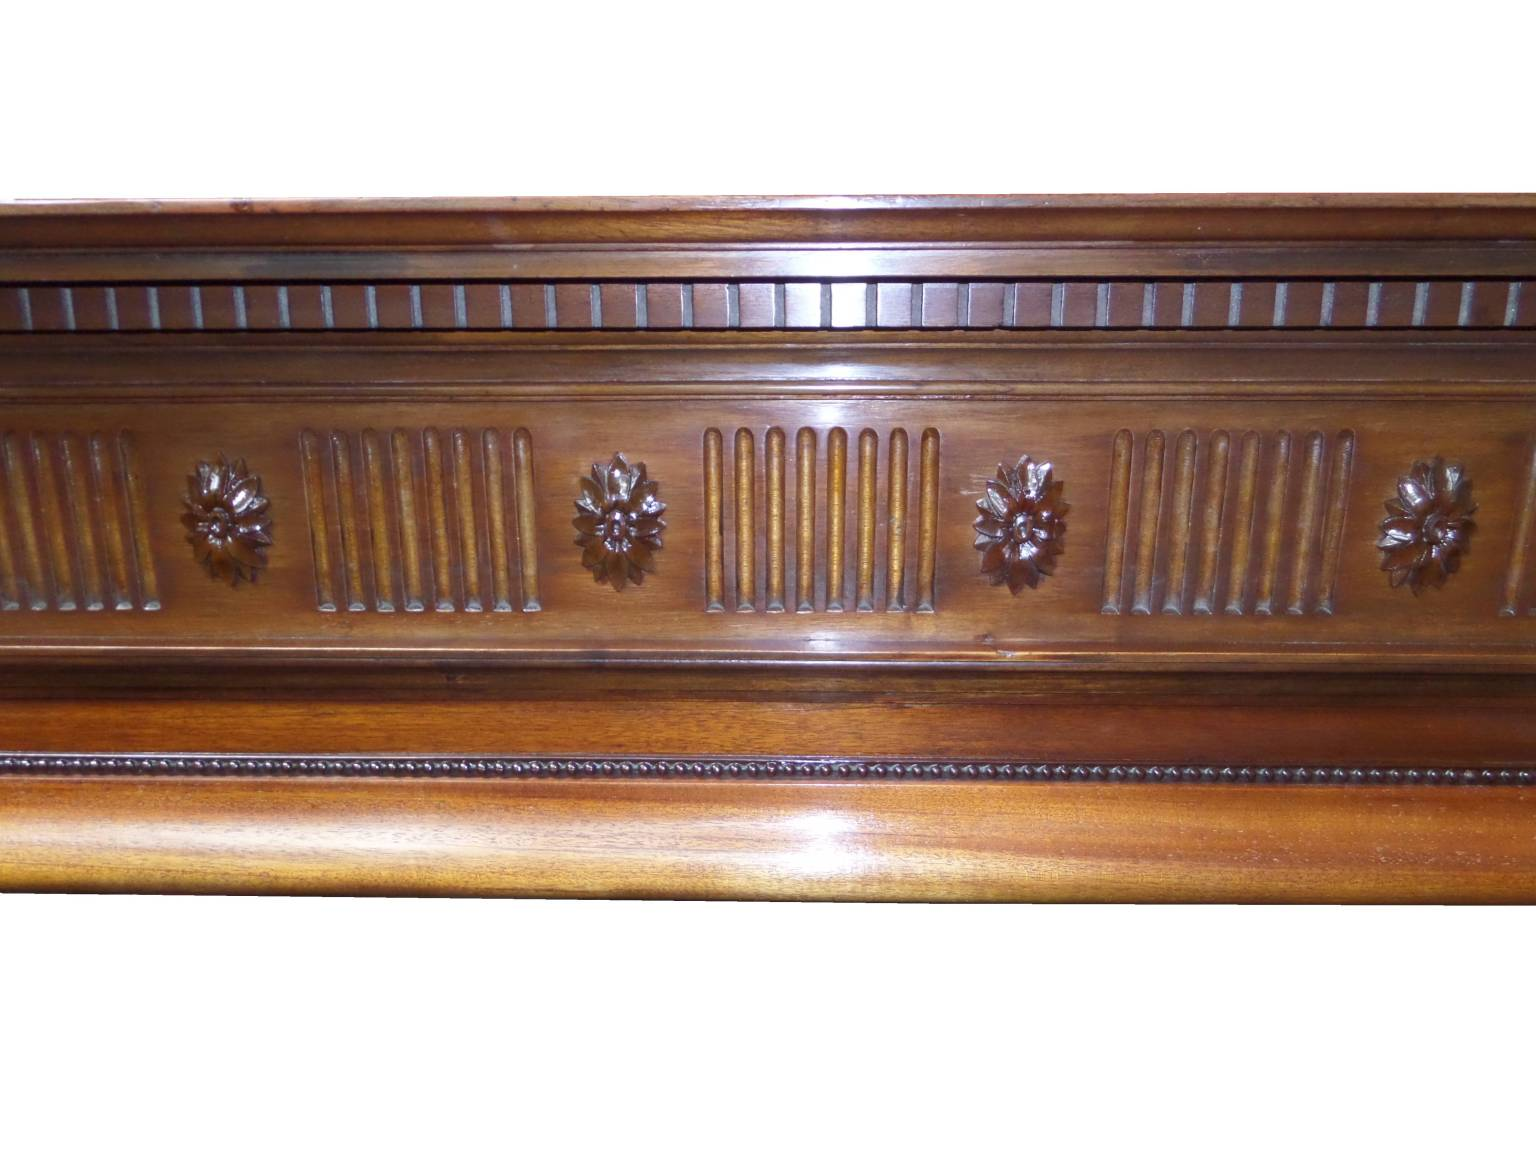 Antique Edwardian Mahogany Wood Mantel Fireplace Surround